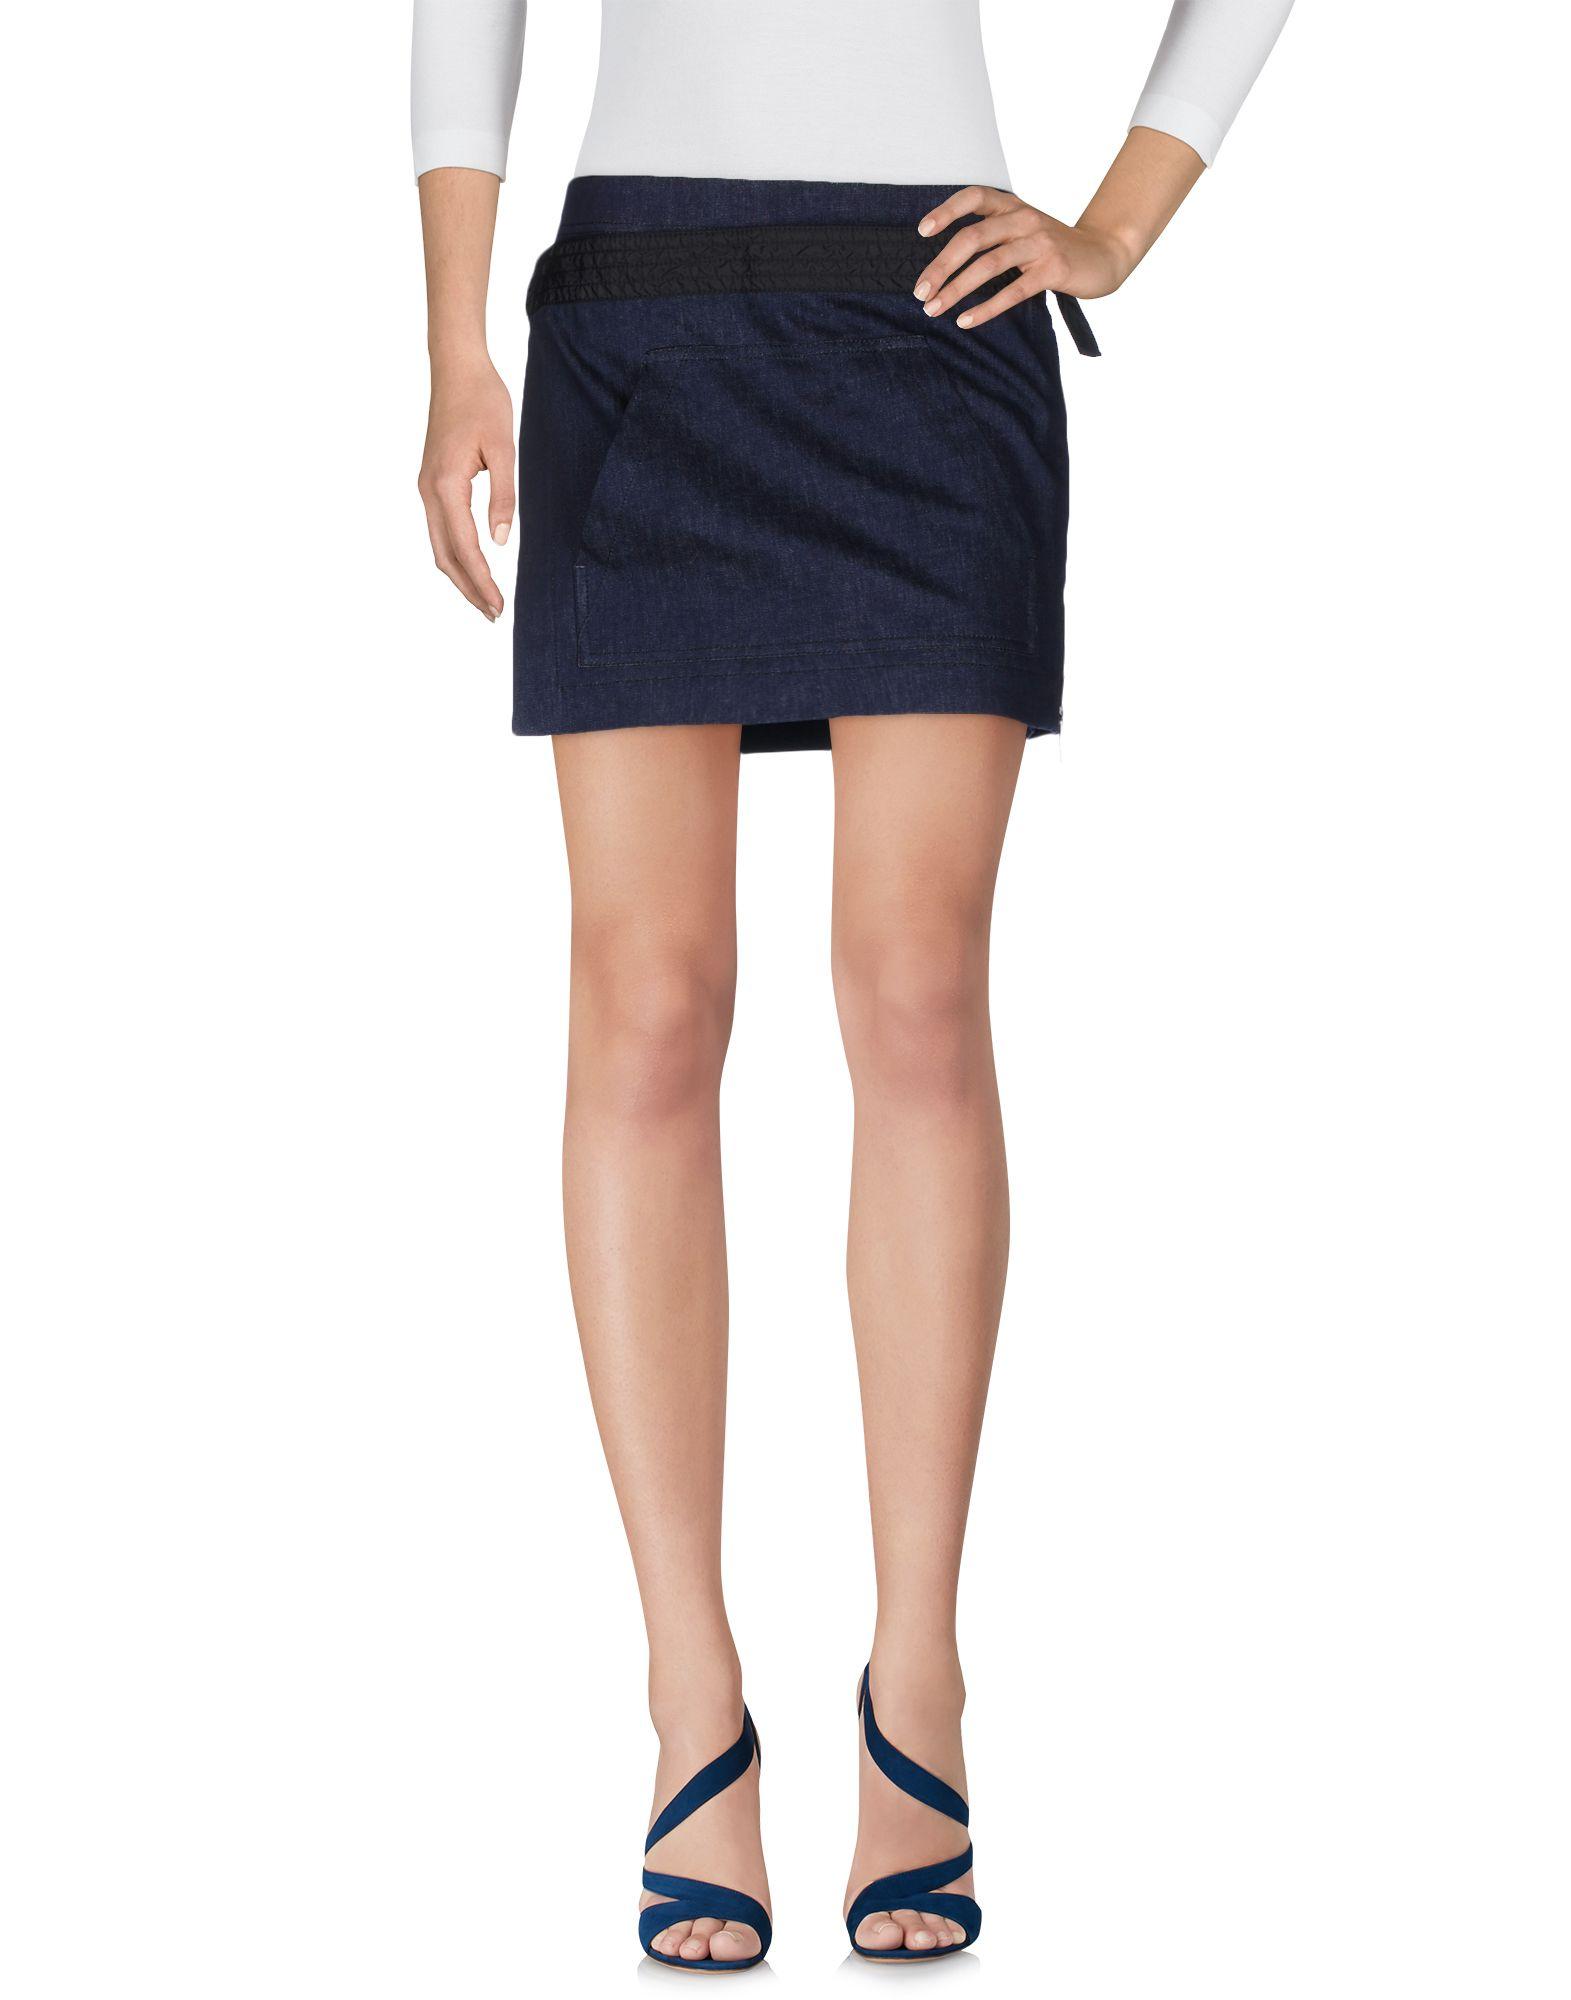 цены на FAY Джинсовая юбка в интернет-магазинах